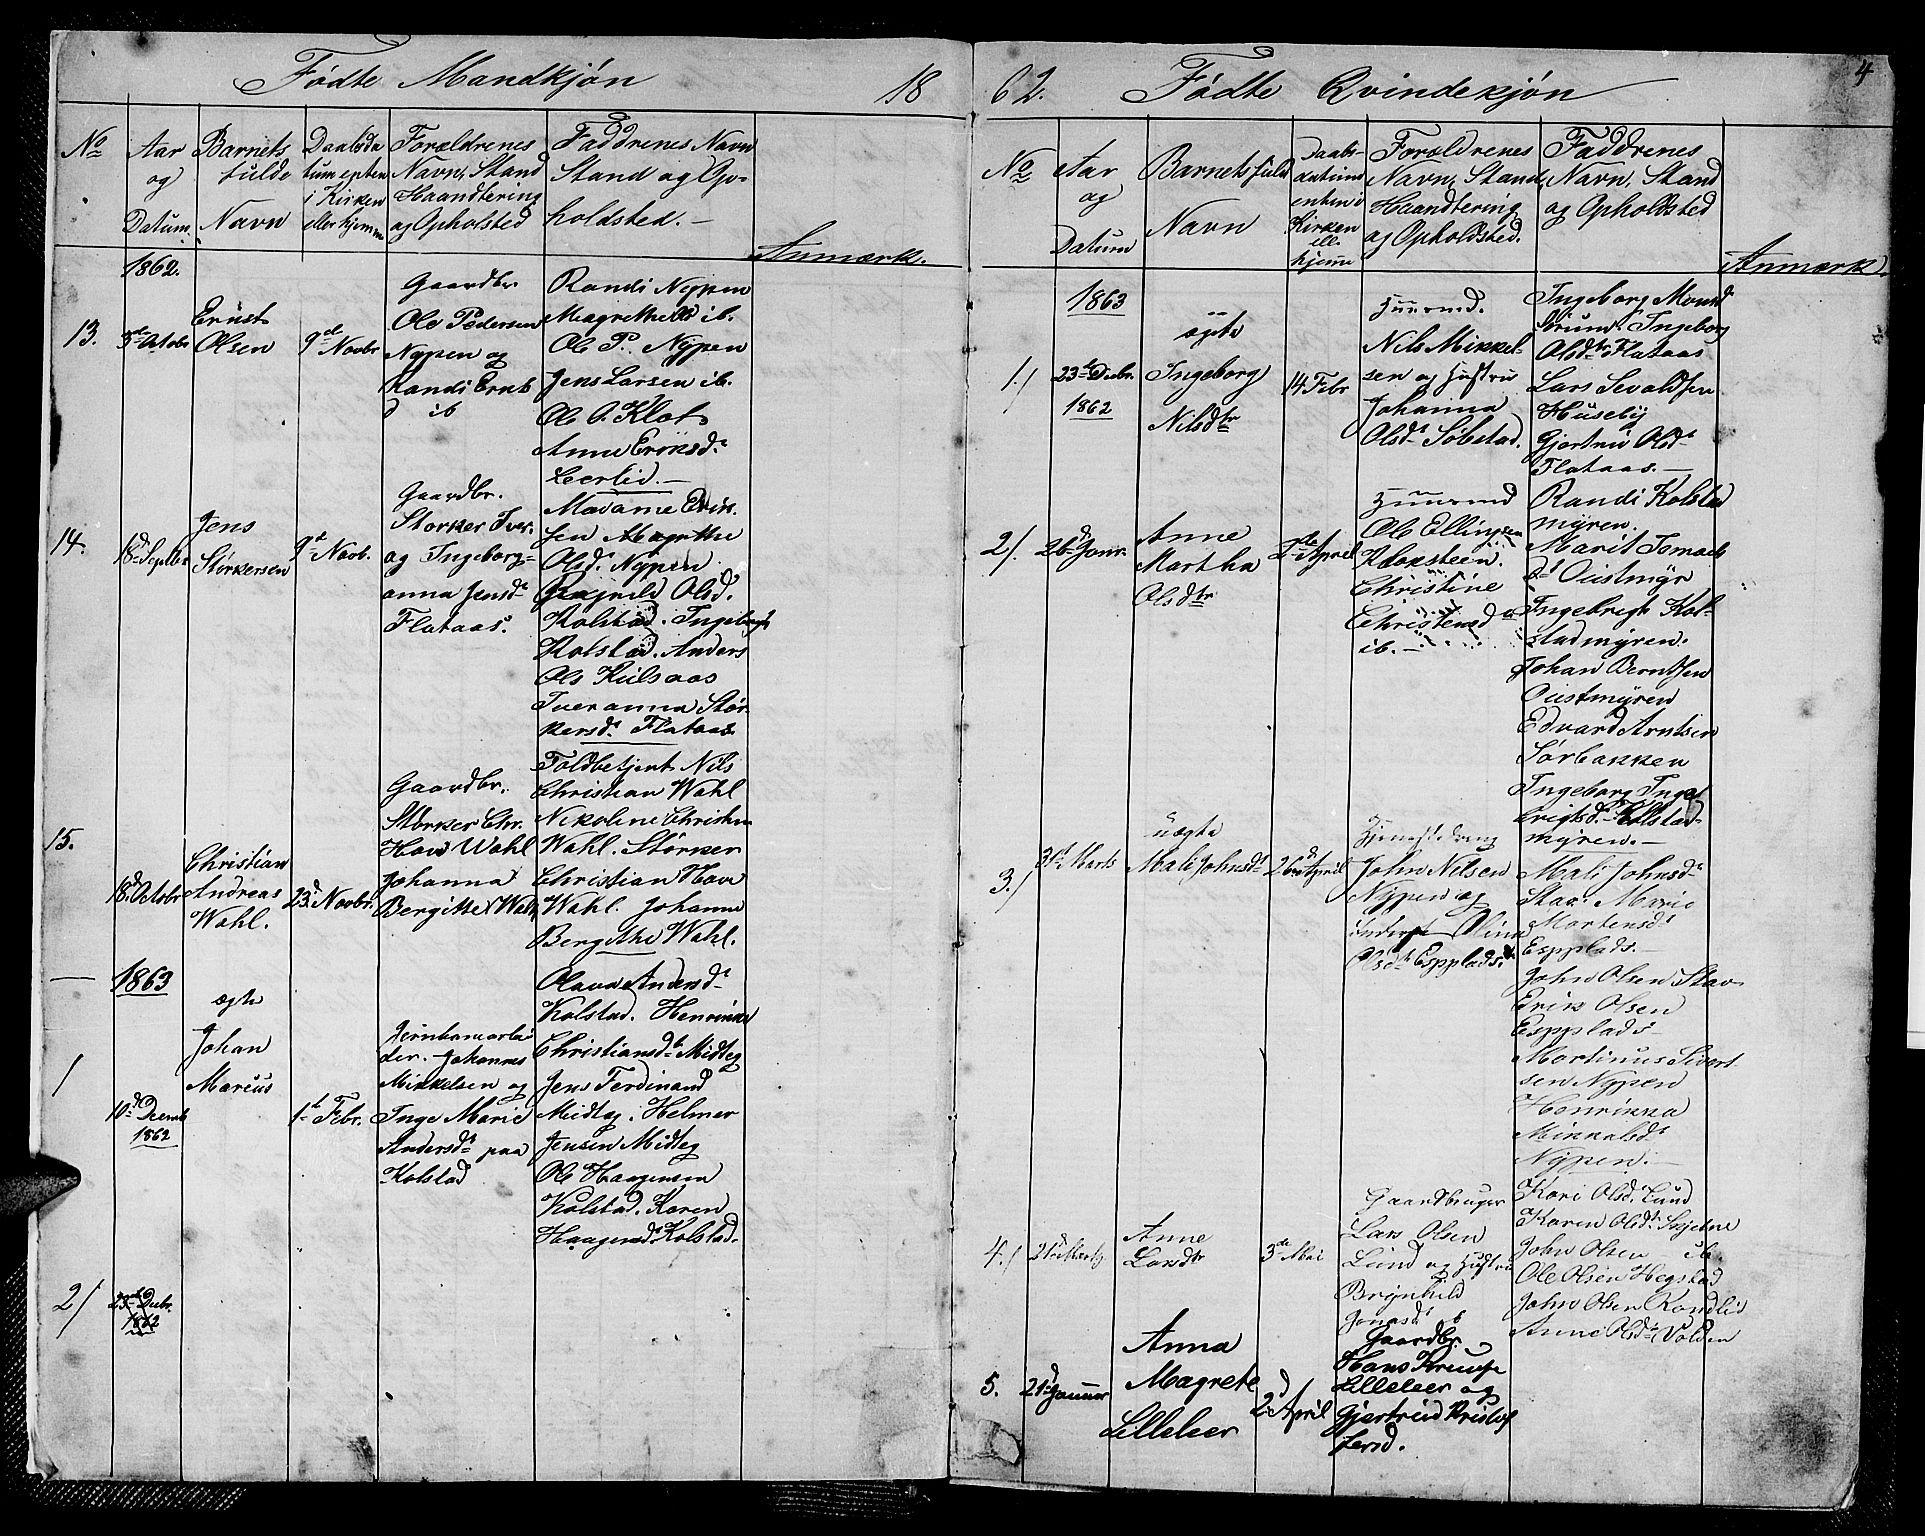 SAT, Ministerialprotokoller, klokkerbøker og fødselsregistre - Sør-Trøndelag, 613/L0394: Klokkerbok nr. 613C02, 1862-1886, s. 4